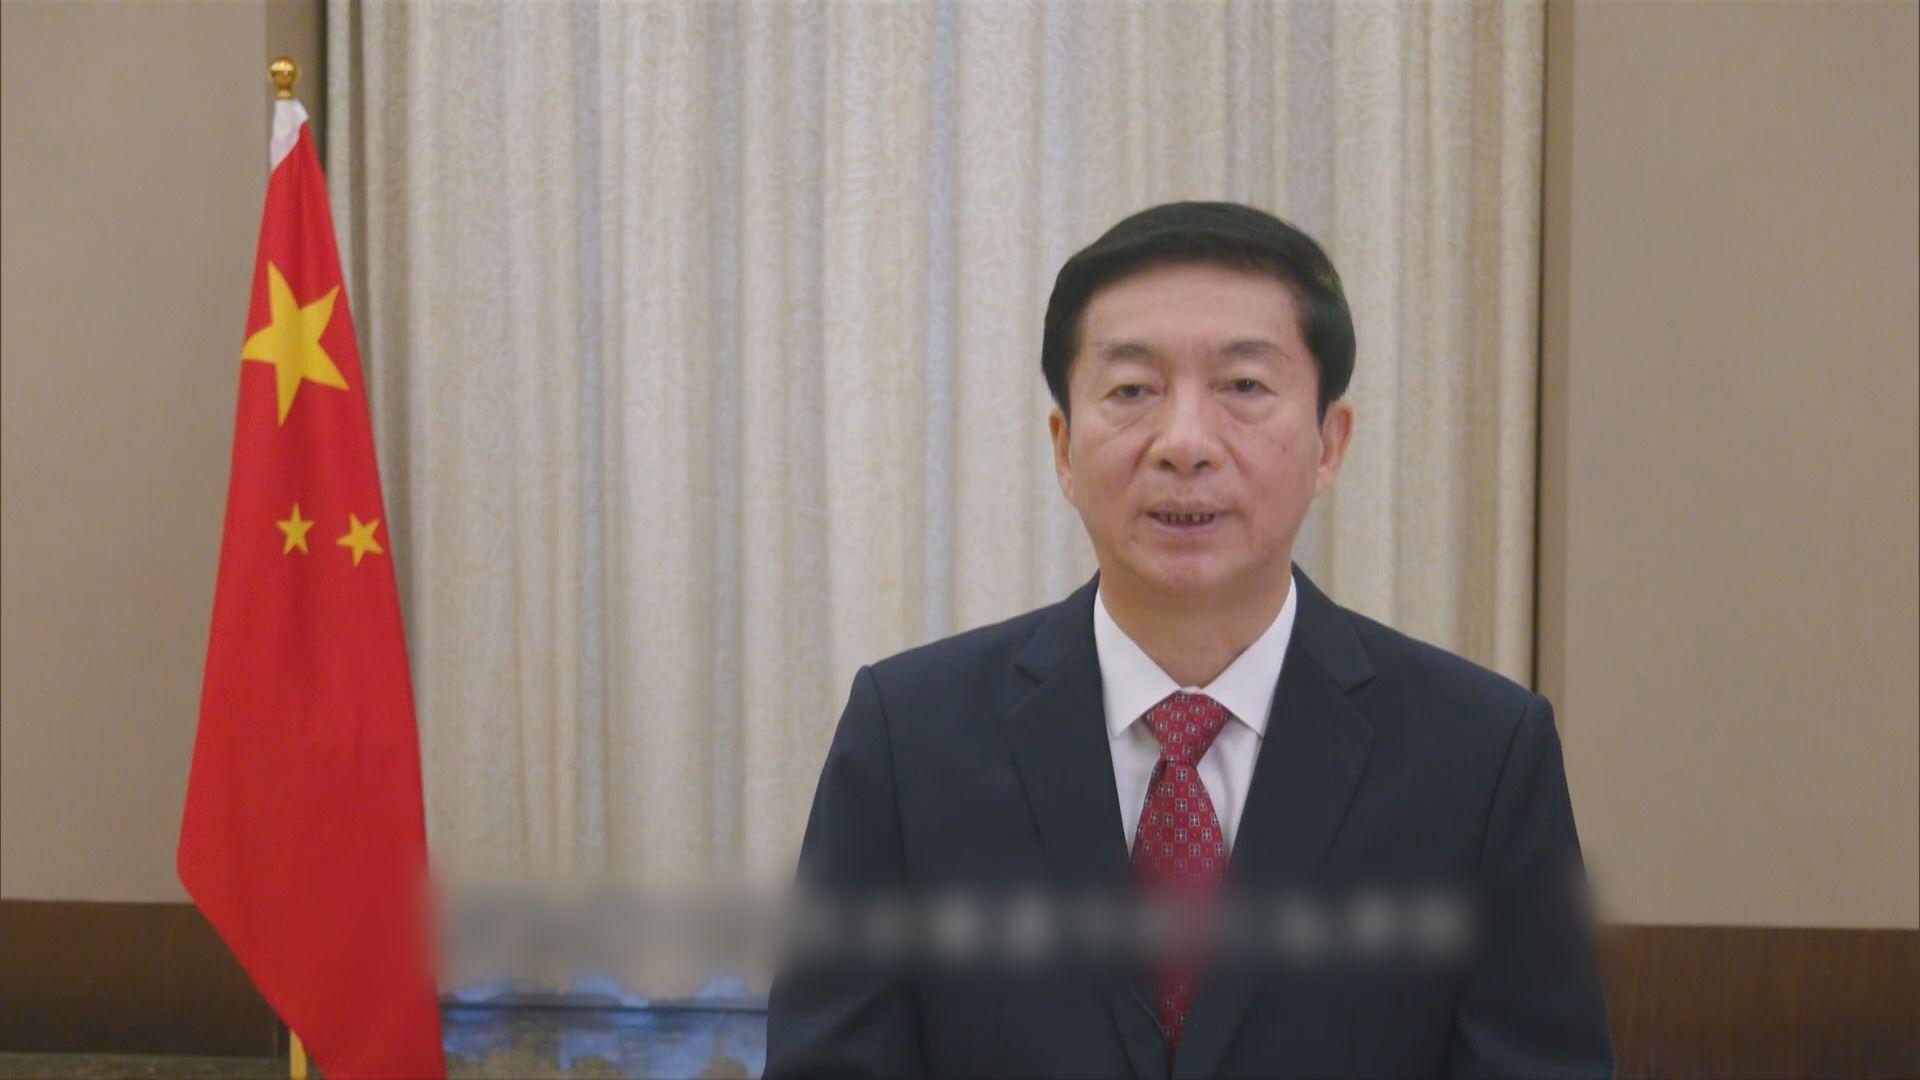 駱惠寧:港區國安法仍有許多規定須待完善